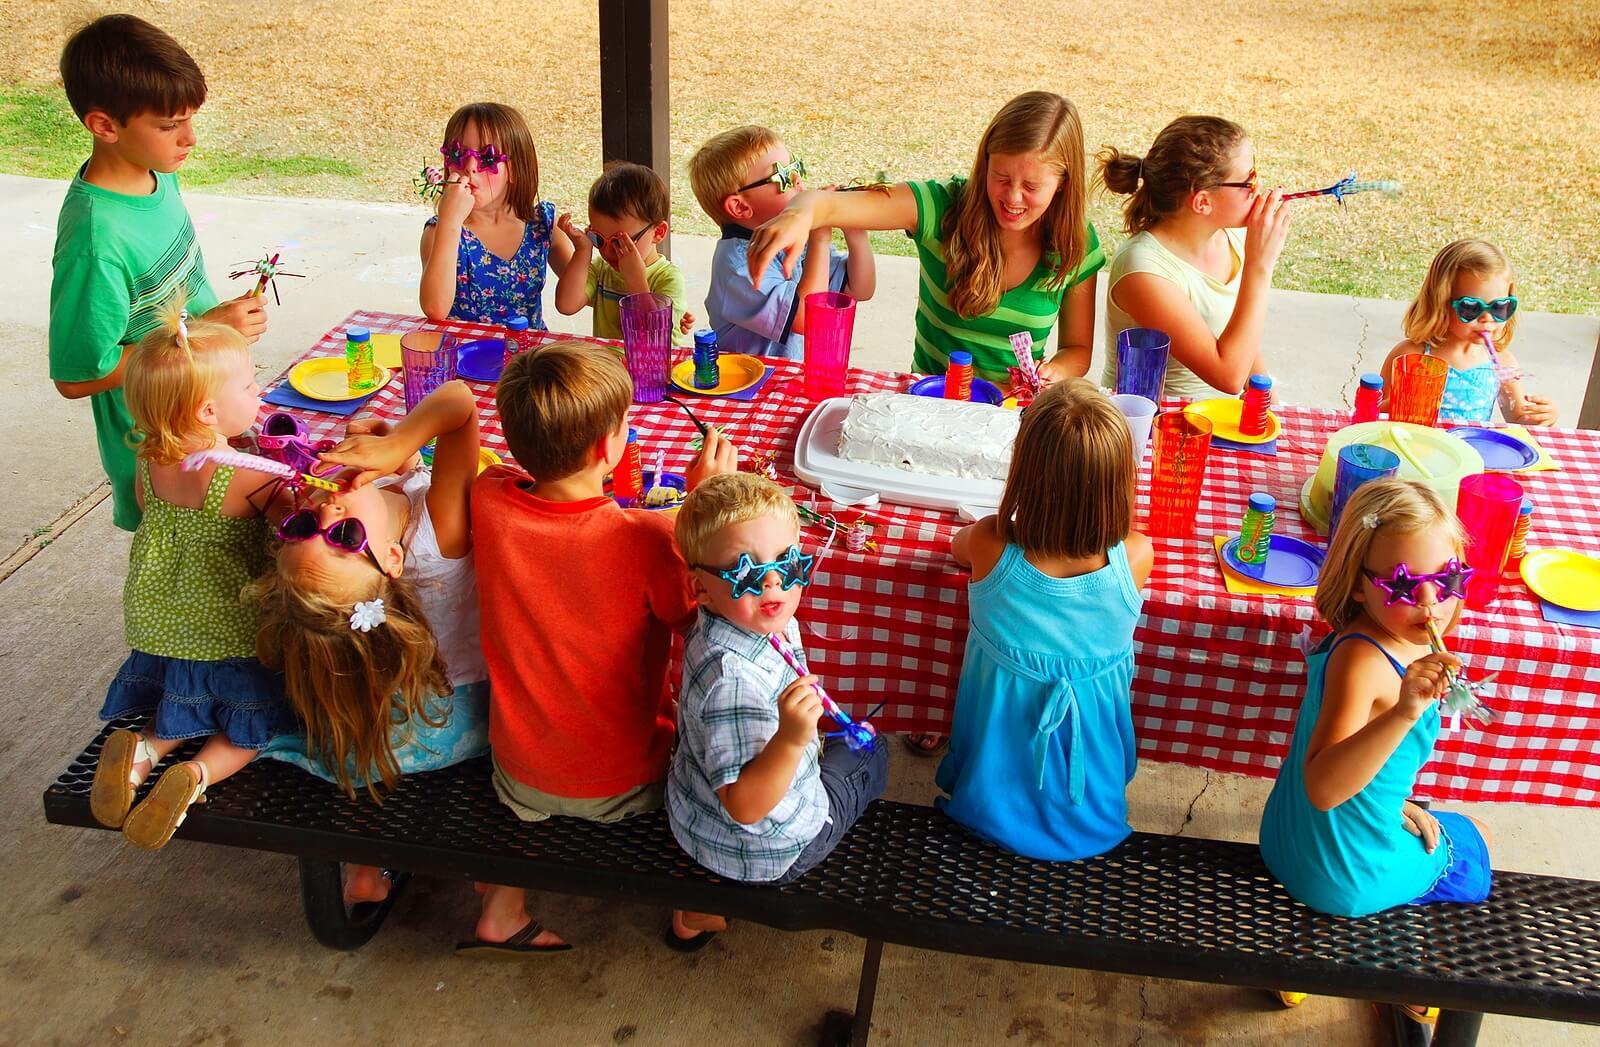 Niños celebrando una fiesta de cumpleaños con sus compañeros de clase.